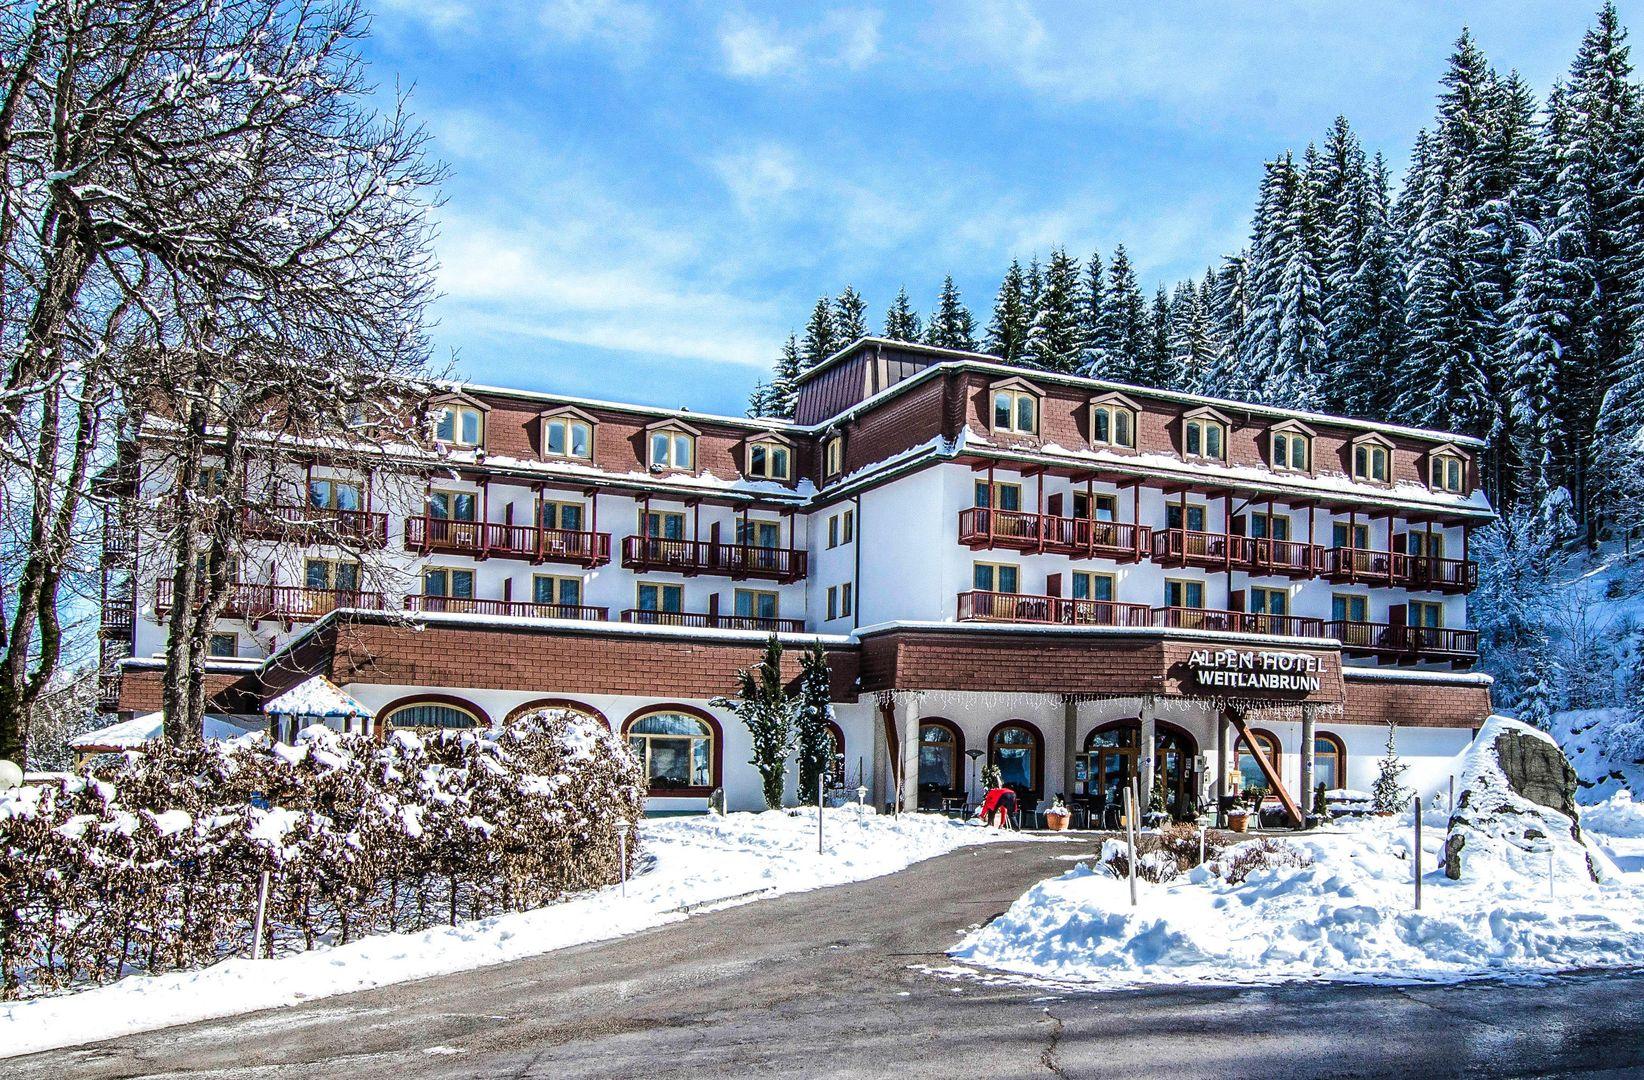 Alpine Hotel Weitlanbrunn - Slide 1